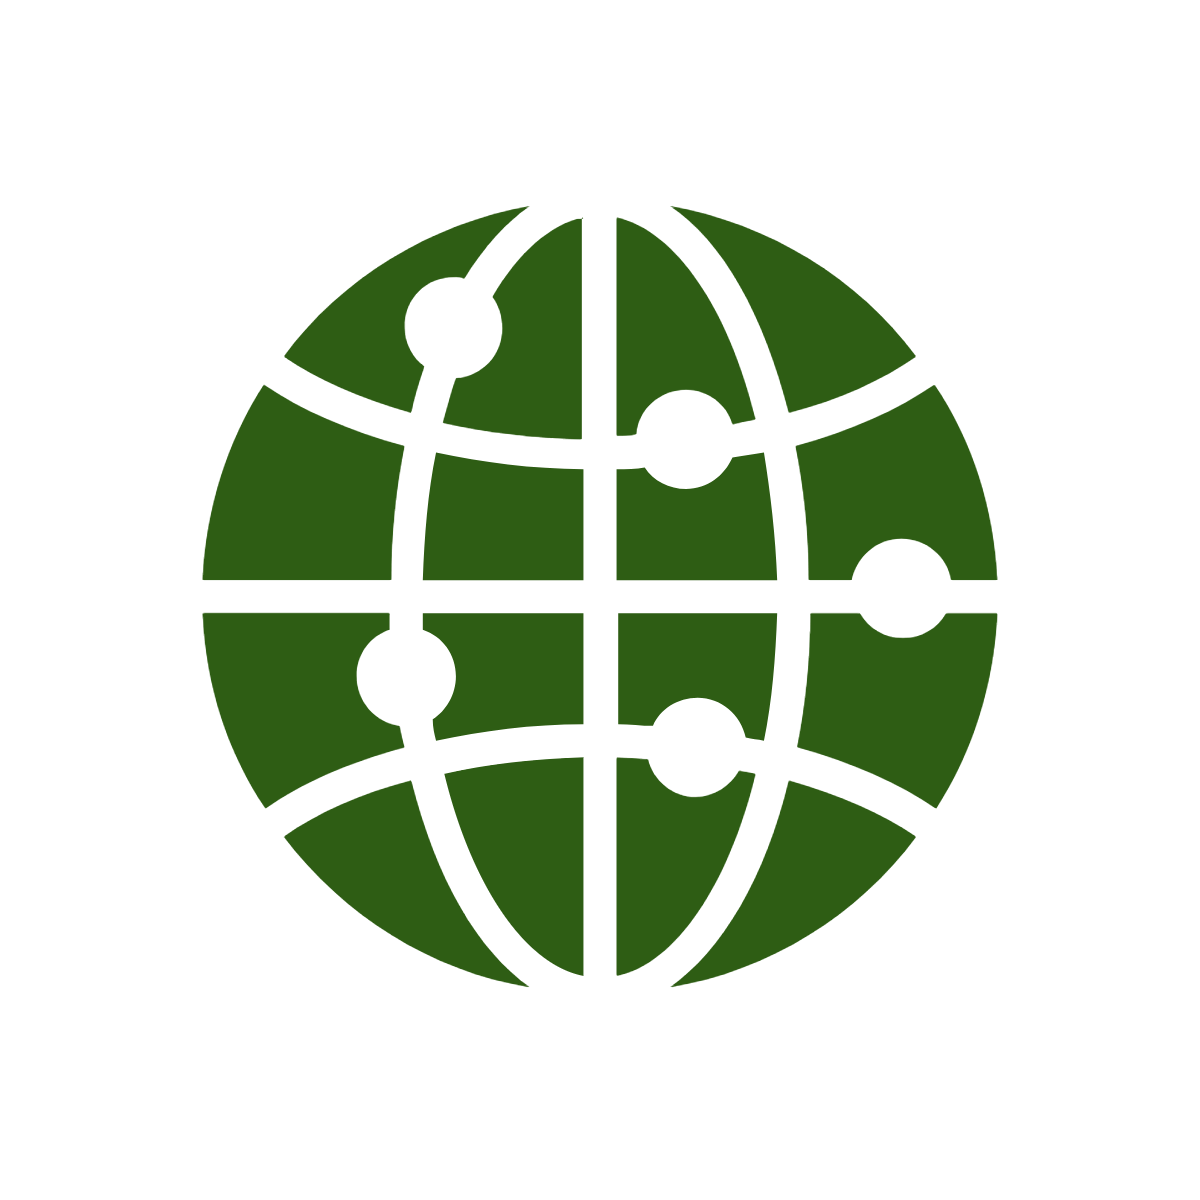 אינטרנט קישורים חיצוניים קידום אתרים